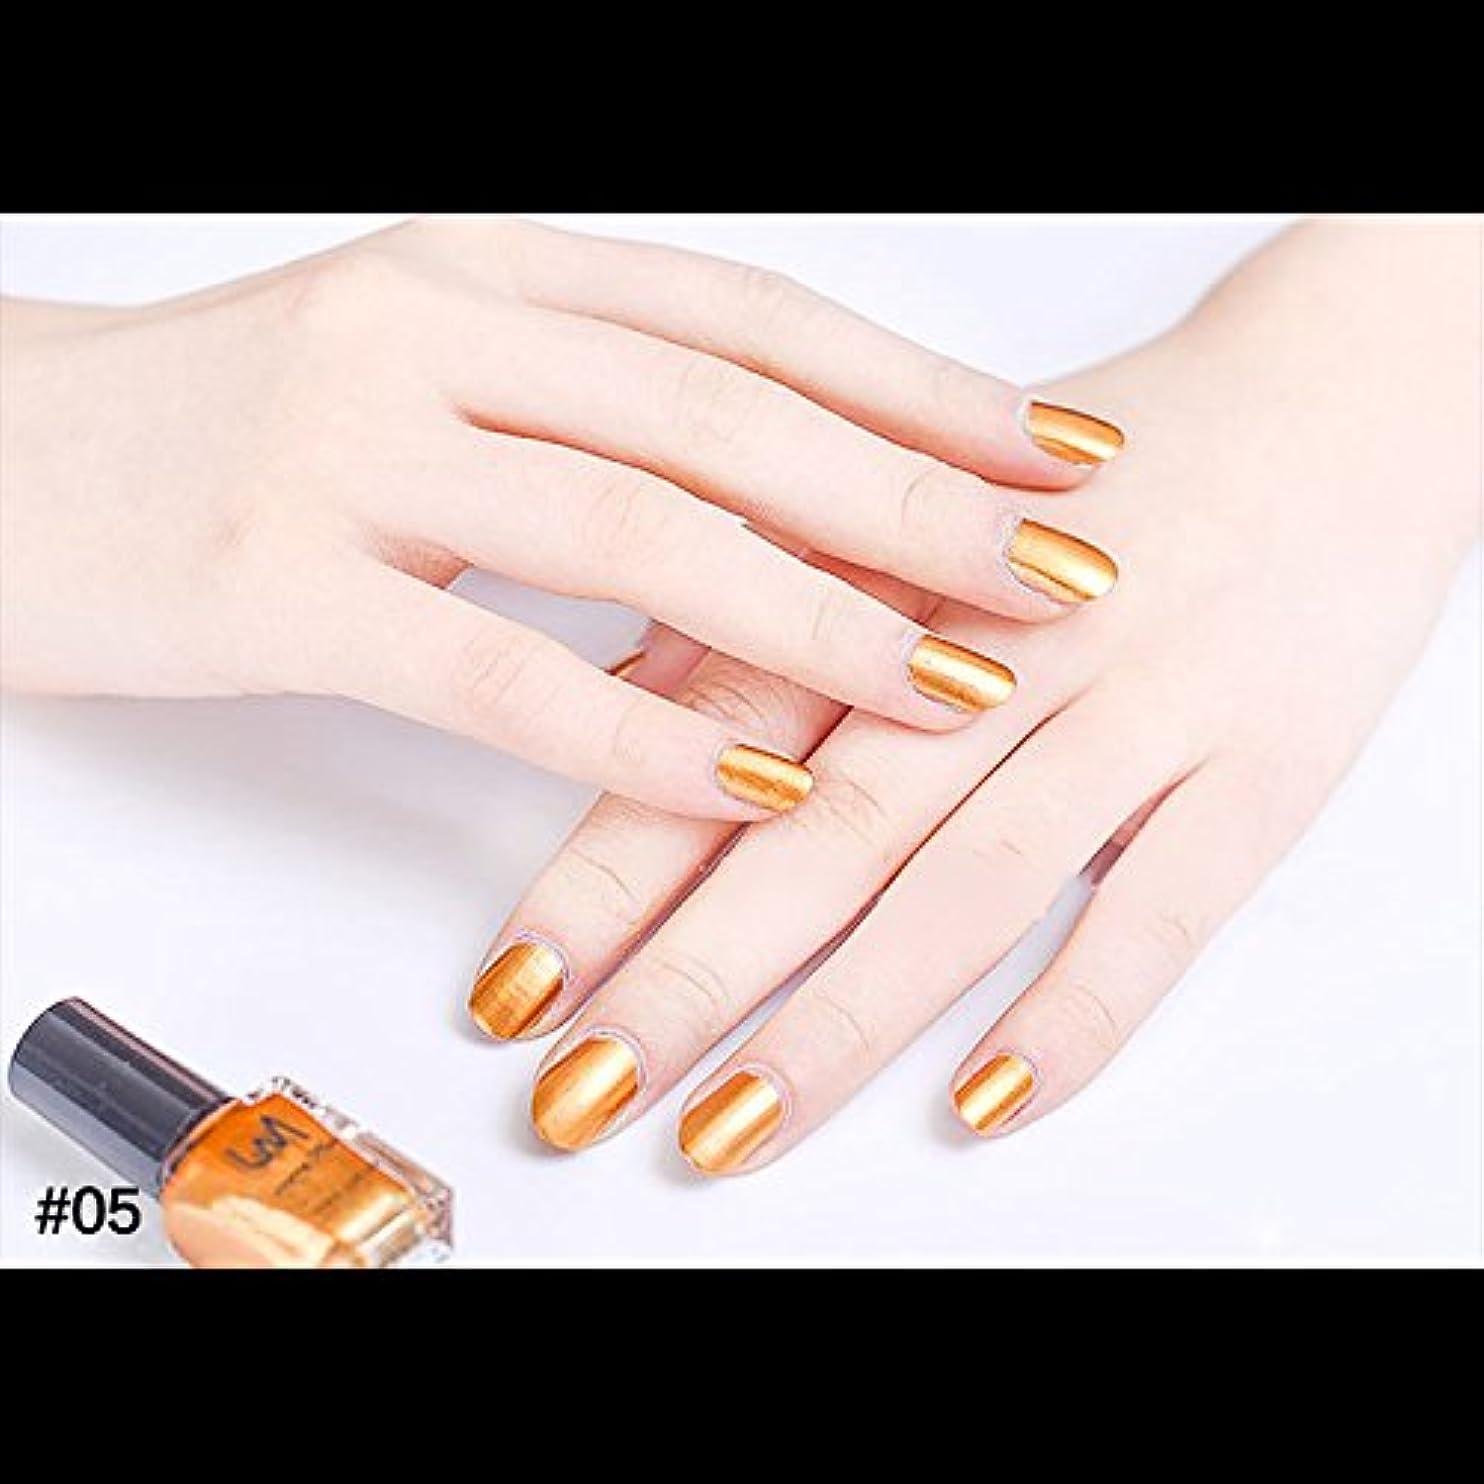 着飾るミニチュア調子hjuns-Wu マニキュア パール感 1ボトル 6ml ネイルポリッシュ(金色)